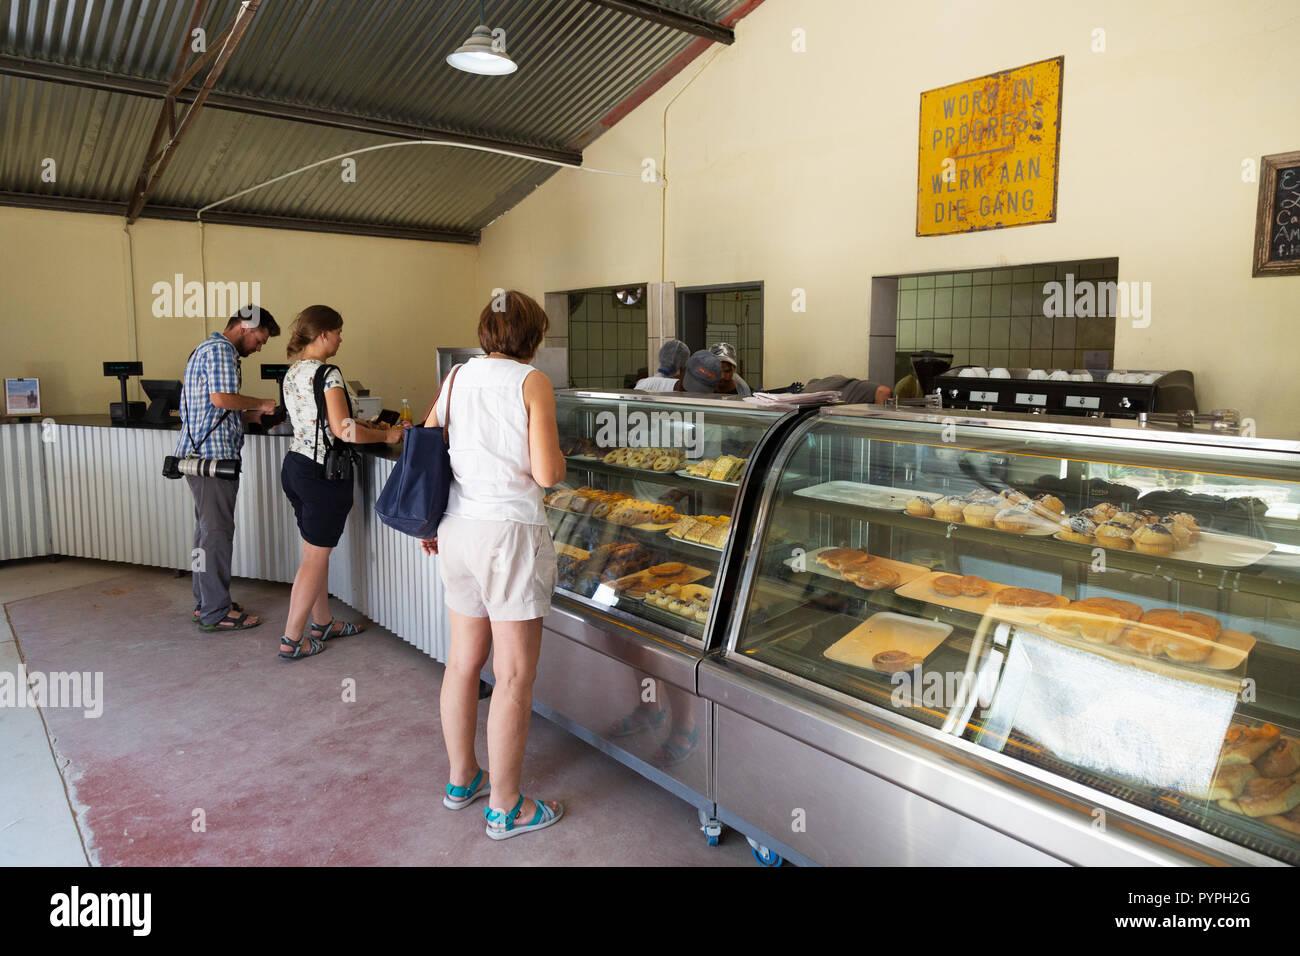 La Namibie les touristes font la queue pour manger et boire, Mcgregor's Bakery, Solitaire, la Namibie Afrique du Sud Photo Stock